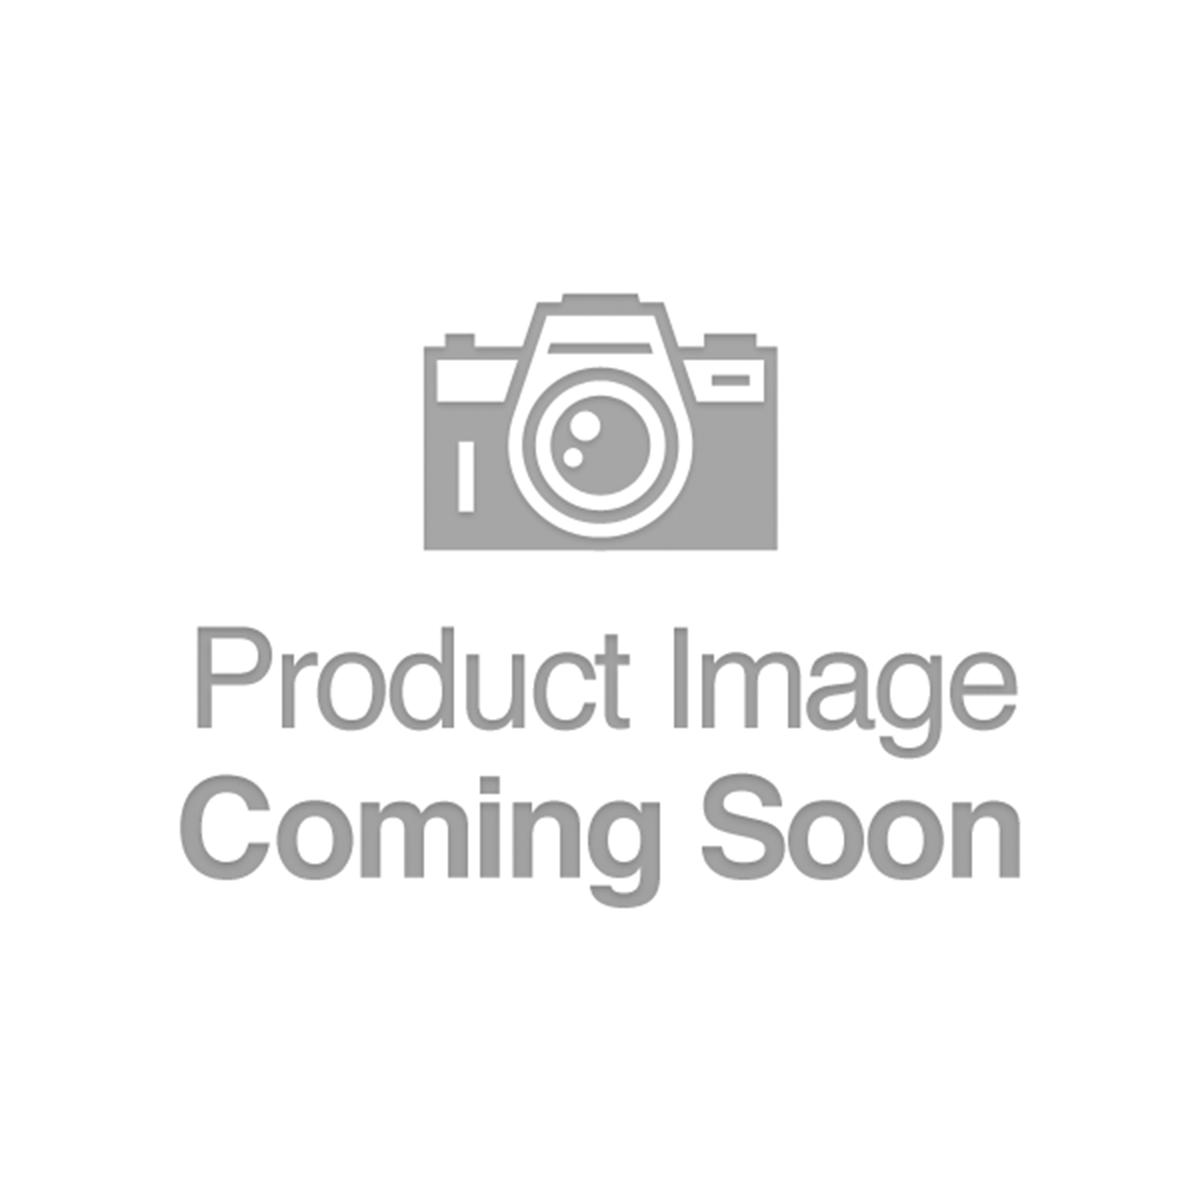 1833 H10C Capped Bust Half Dime PCGS MS63